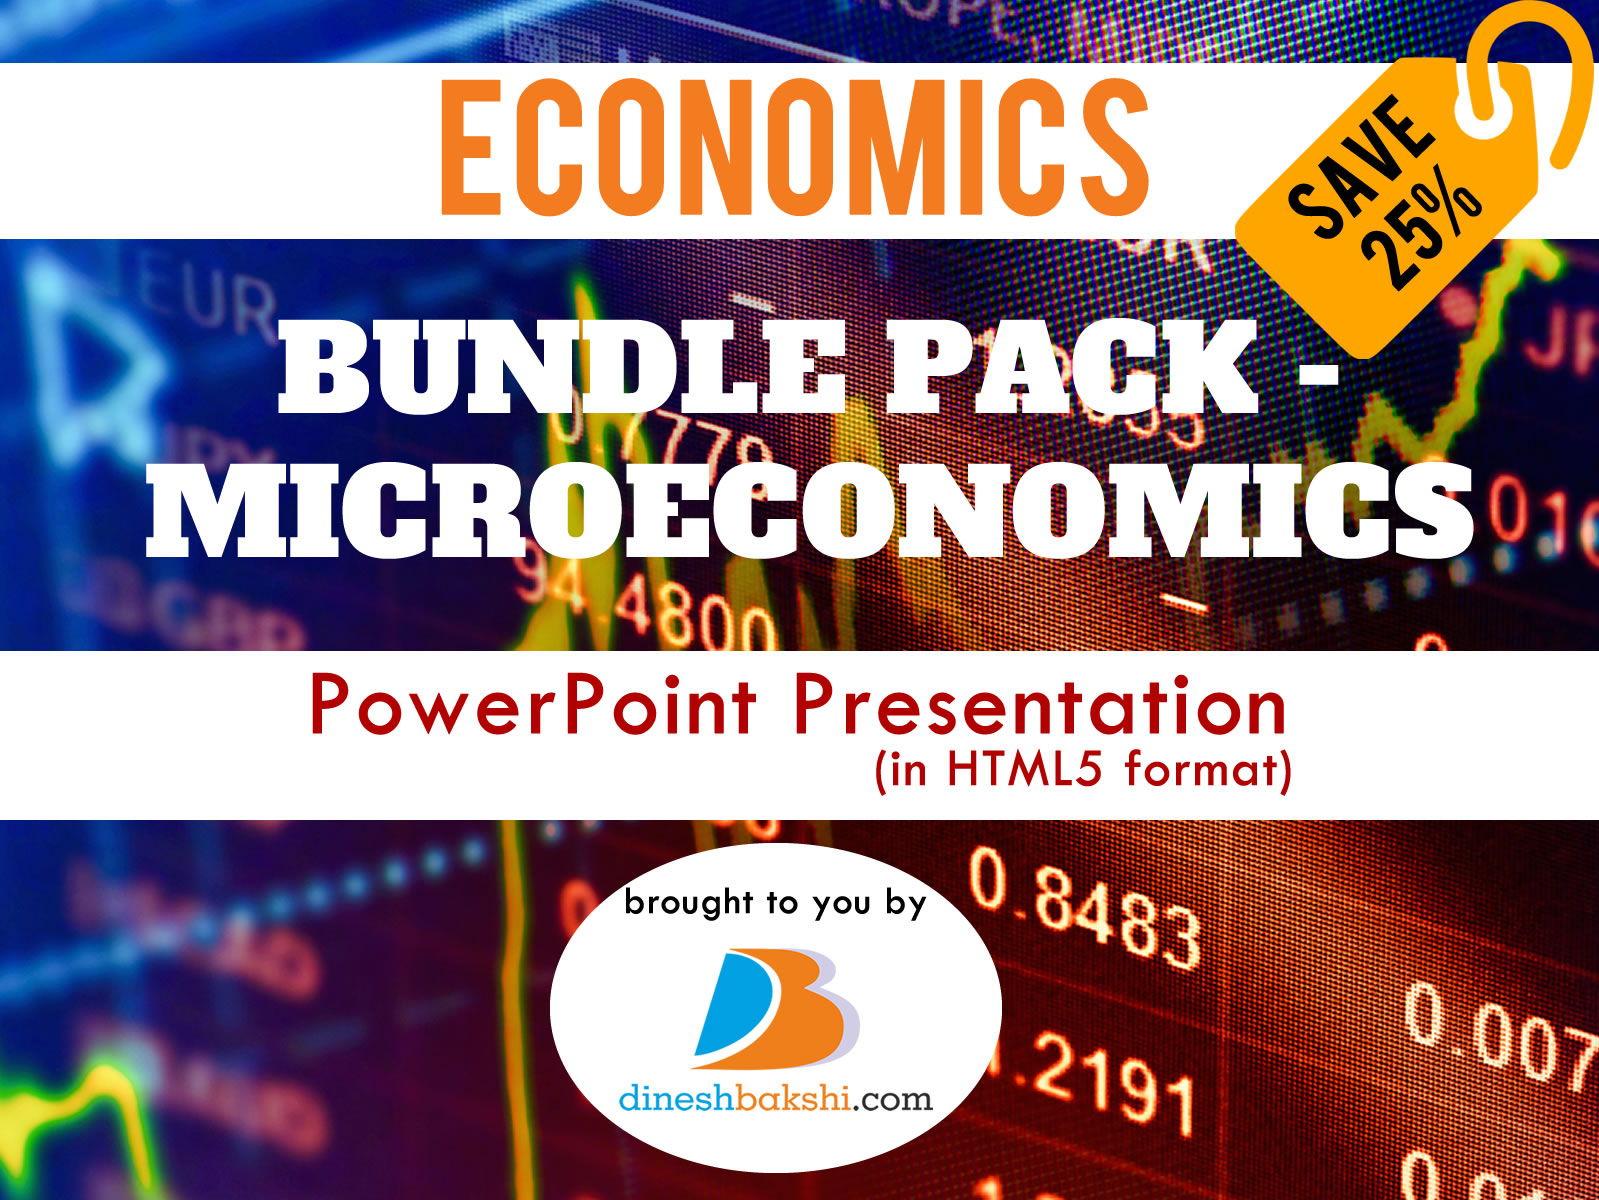 MICROECONOMICS FOR A LEVELS/IB ECONOMICS